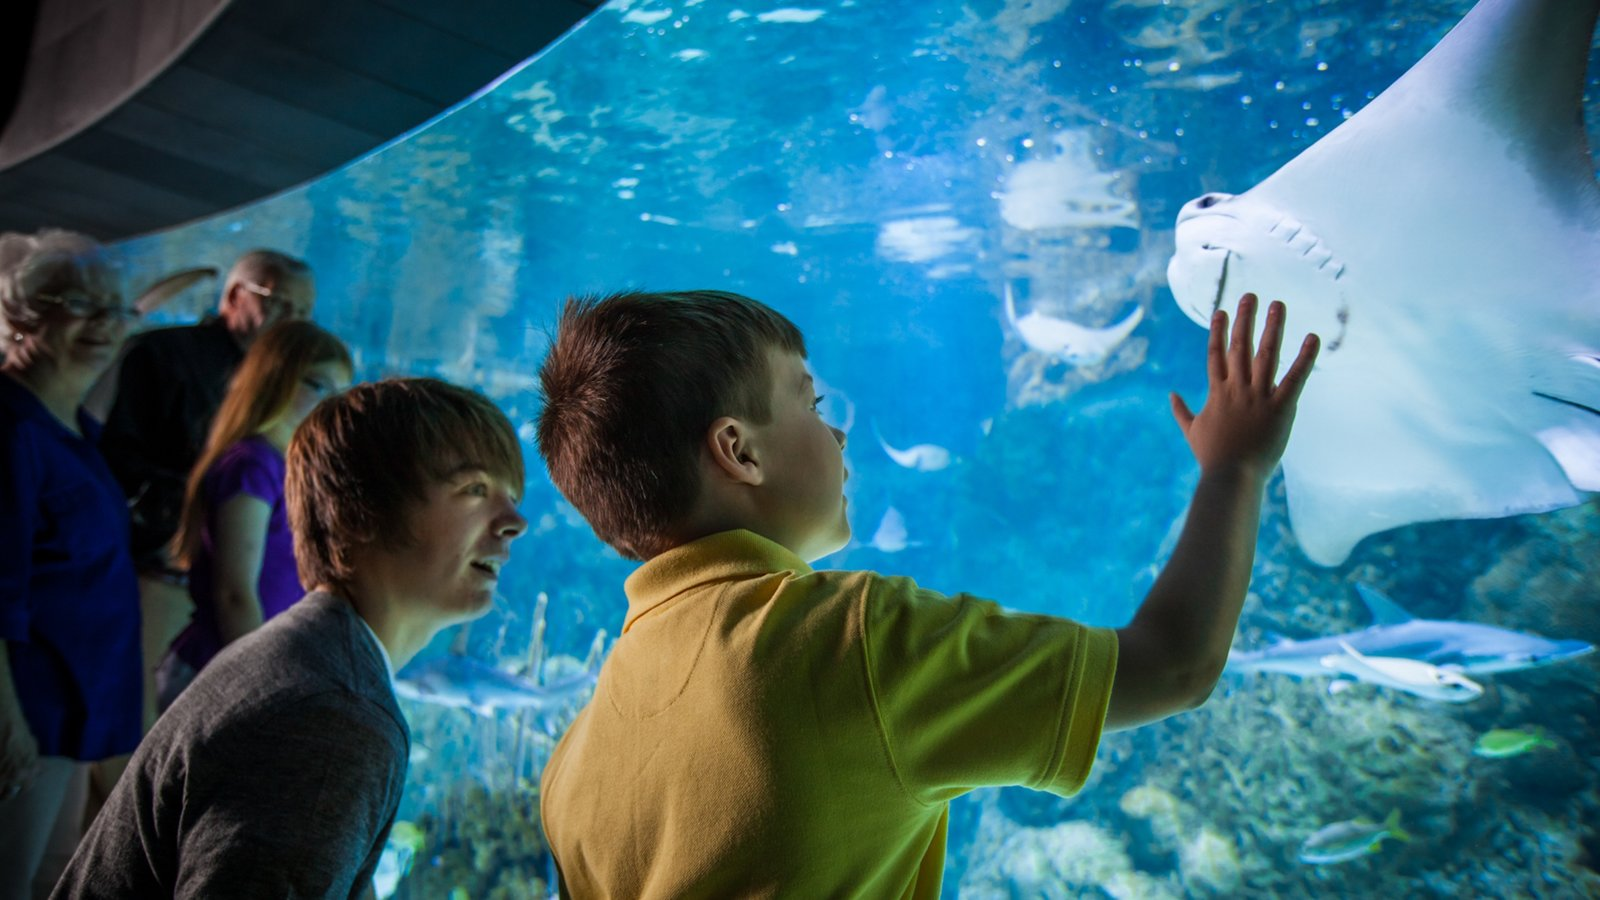 Henry Doorly Zoo caracterizando animais de zoológico e vida marinha assim como crianças